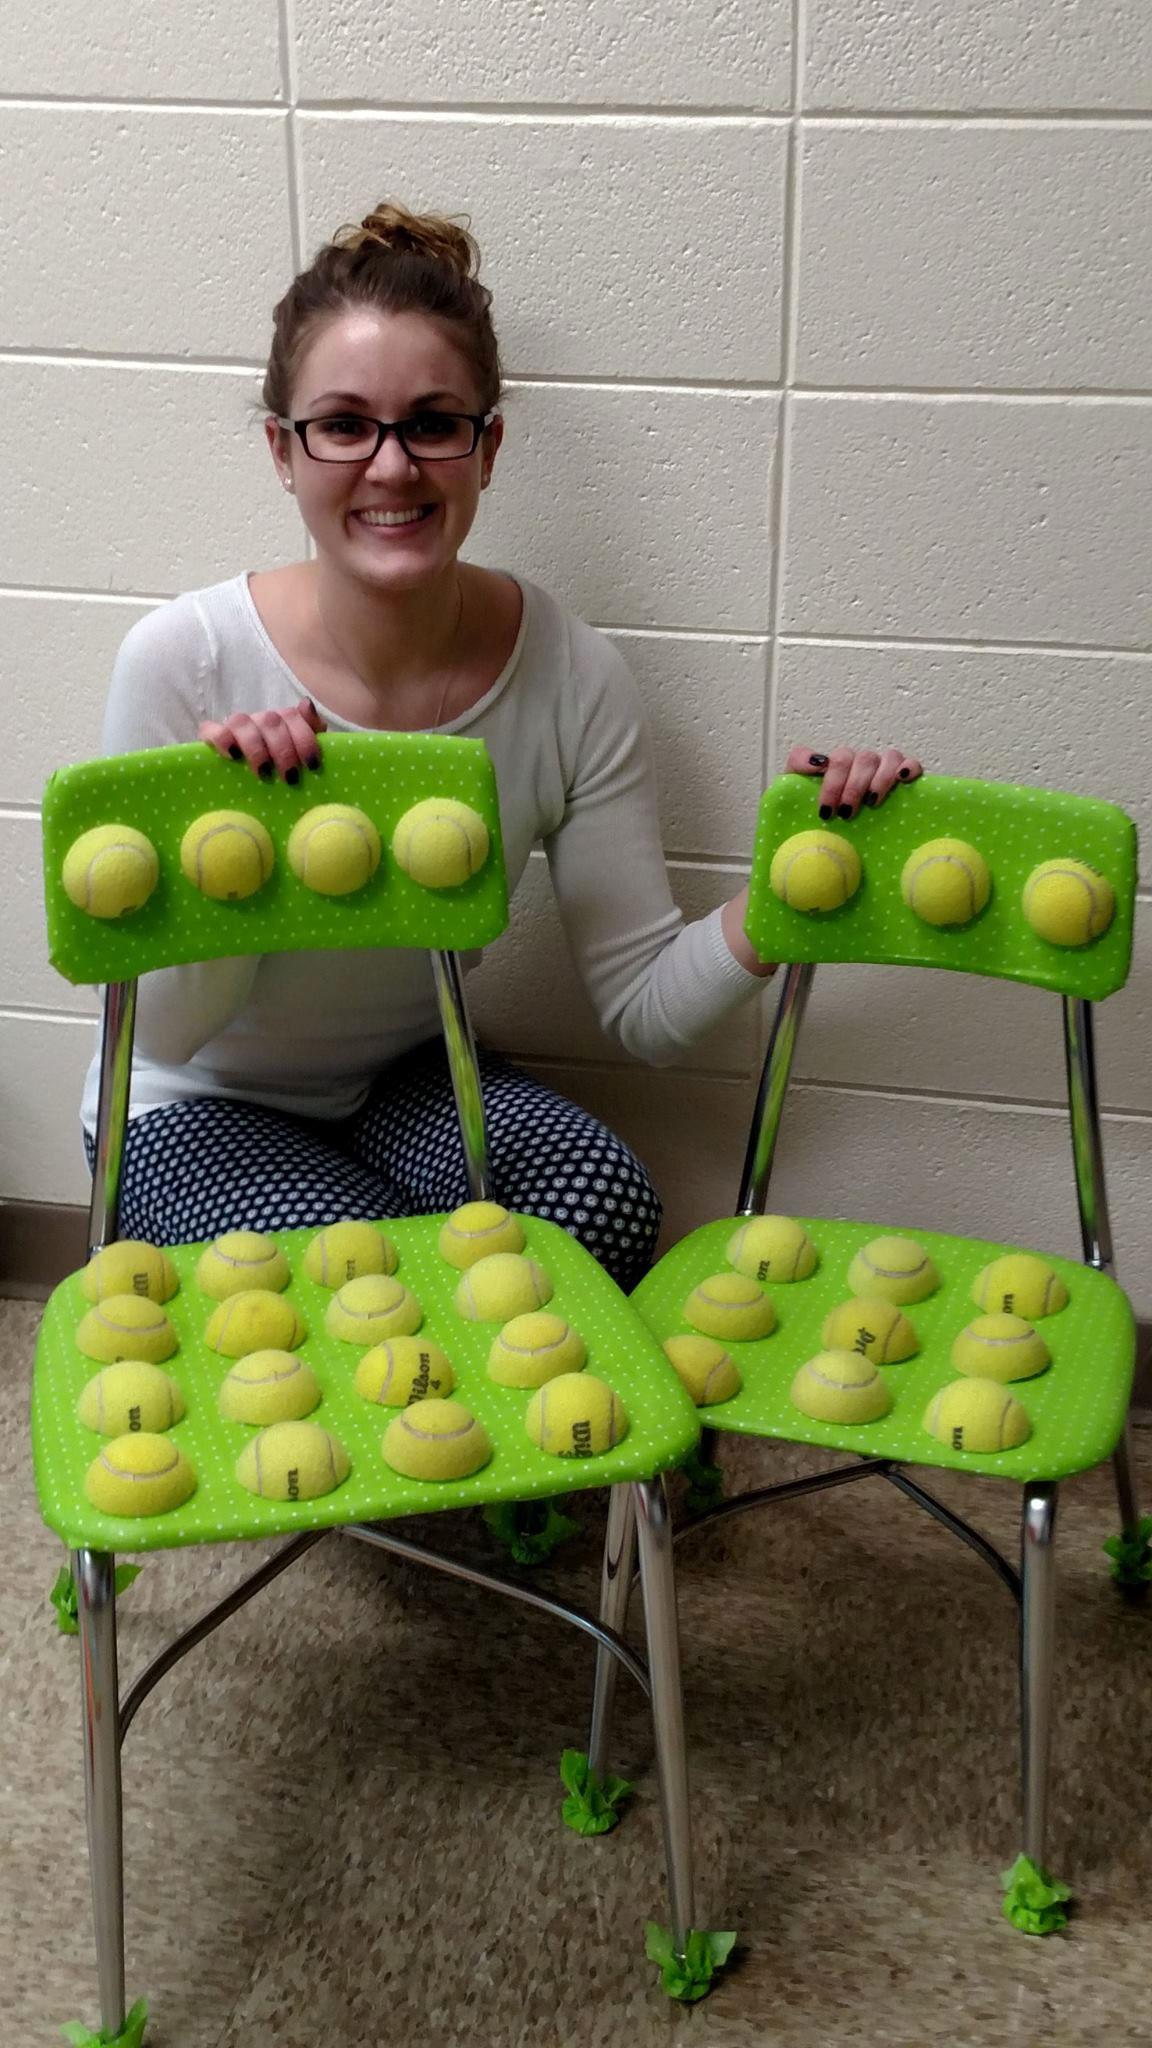 Corta pelotas de tenis por la mitad y las pega en las sillas, mira el cambio en sus estudiantes